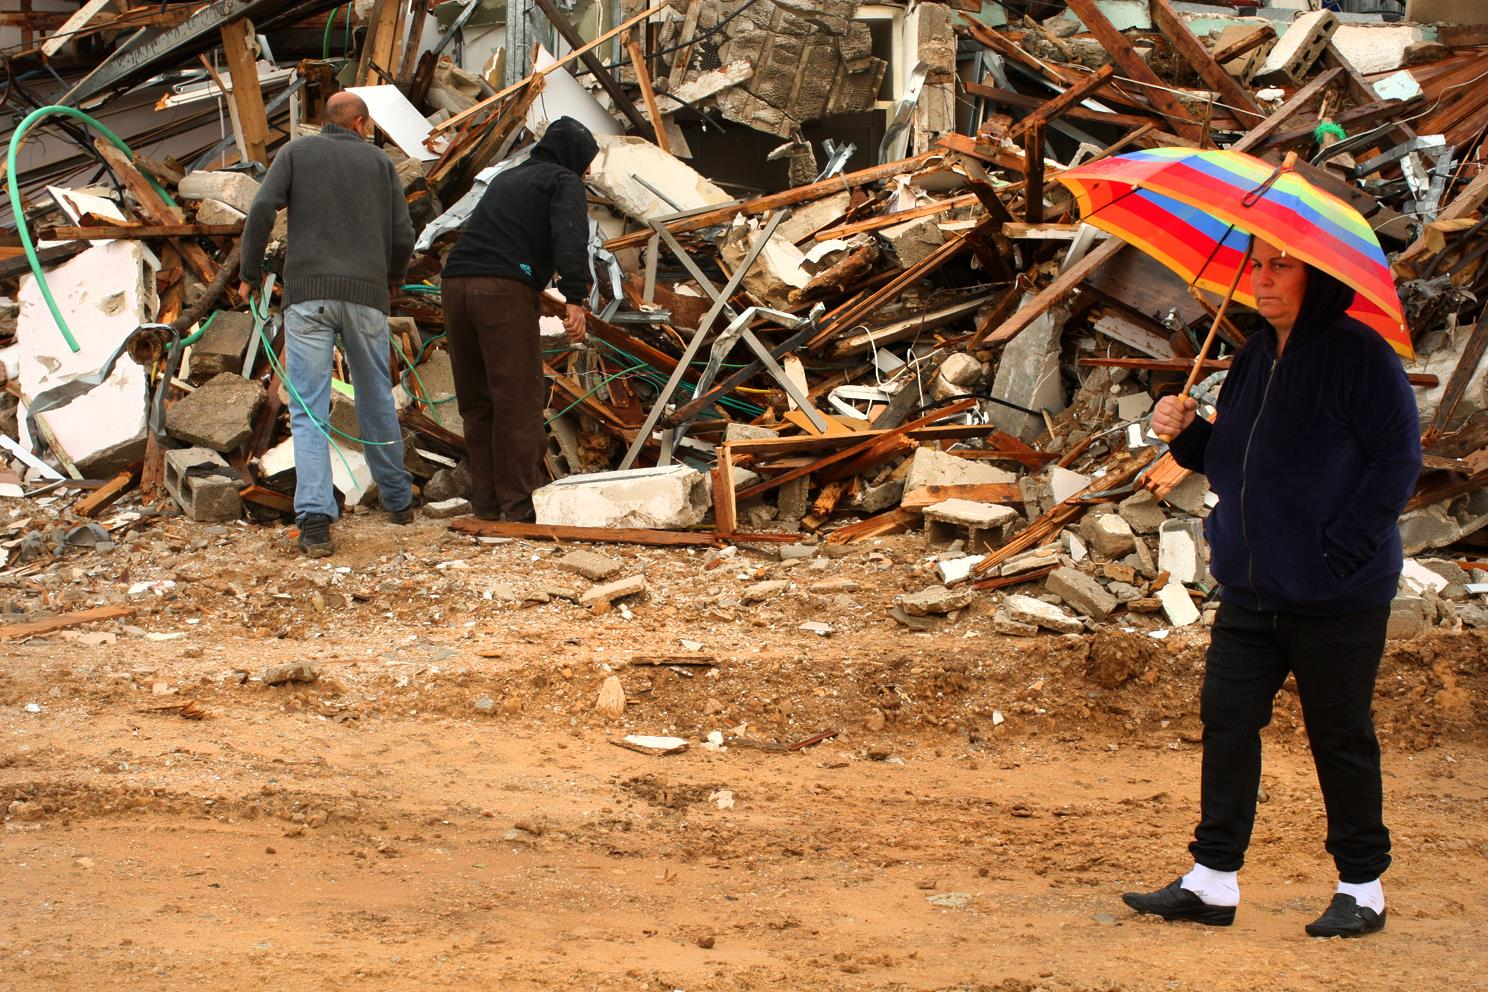 מריים אלפסי תושבת גבעת עמל ליד הריסות ביתה השבוע צילום: עמית שעל